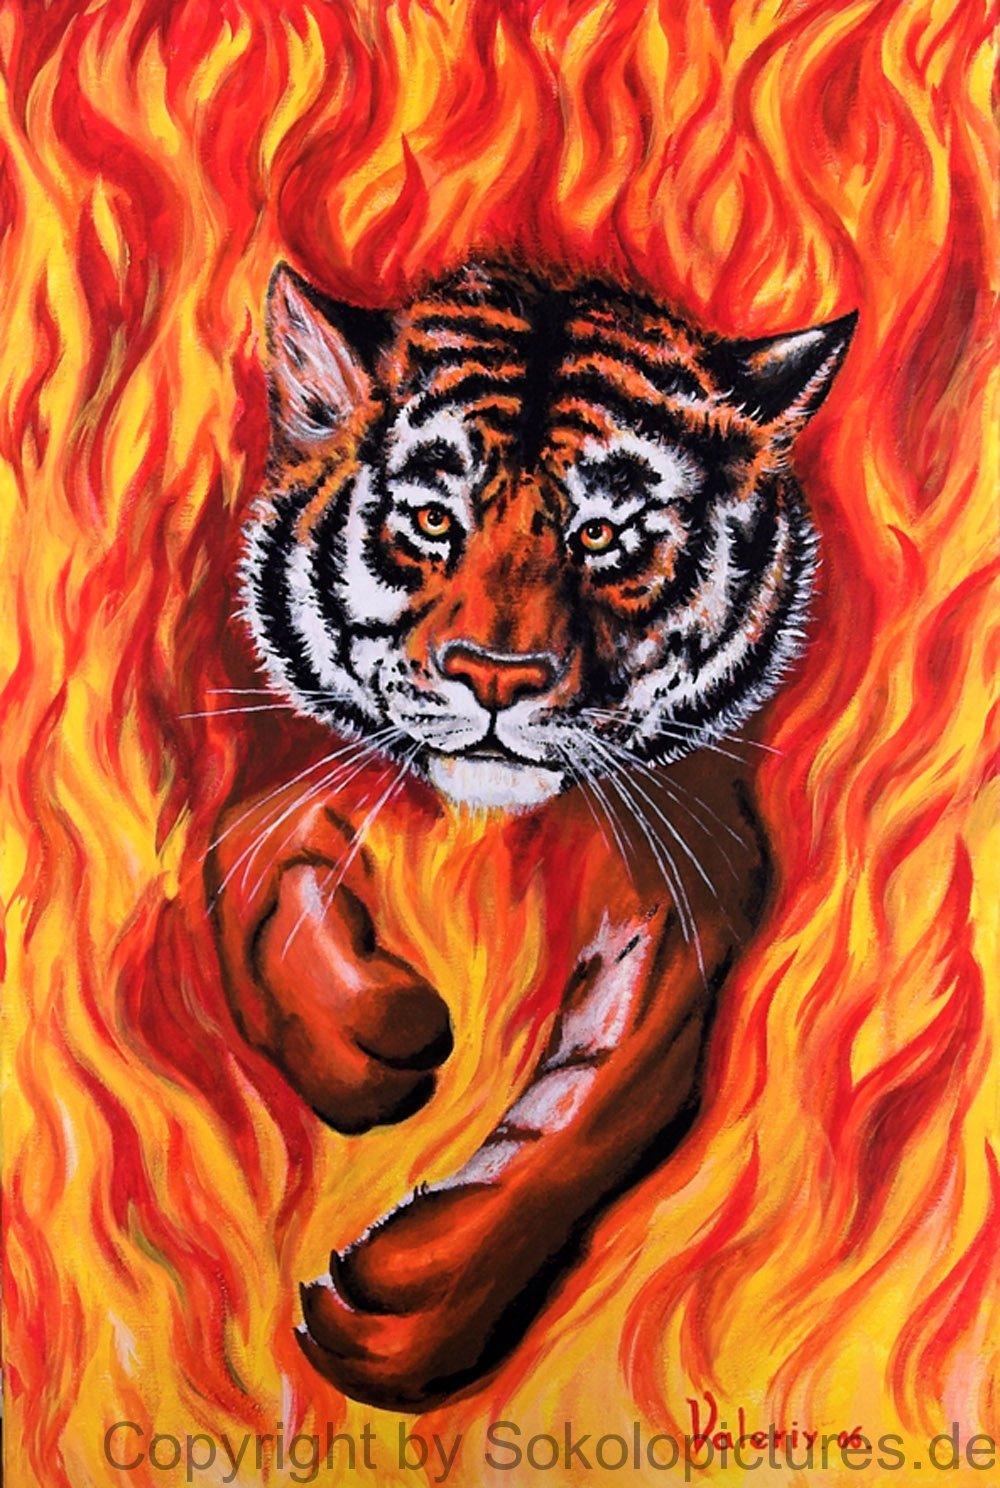 tiger-im-feuer-01